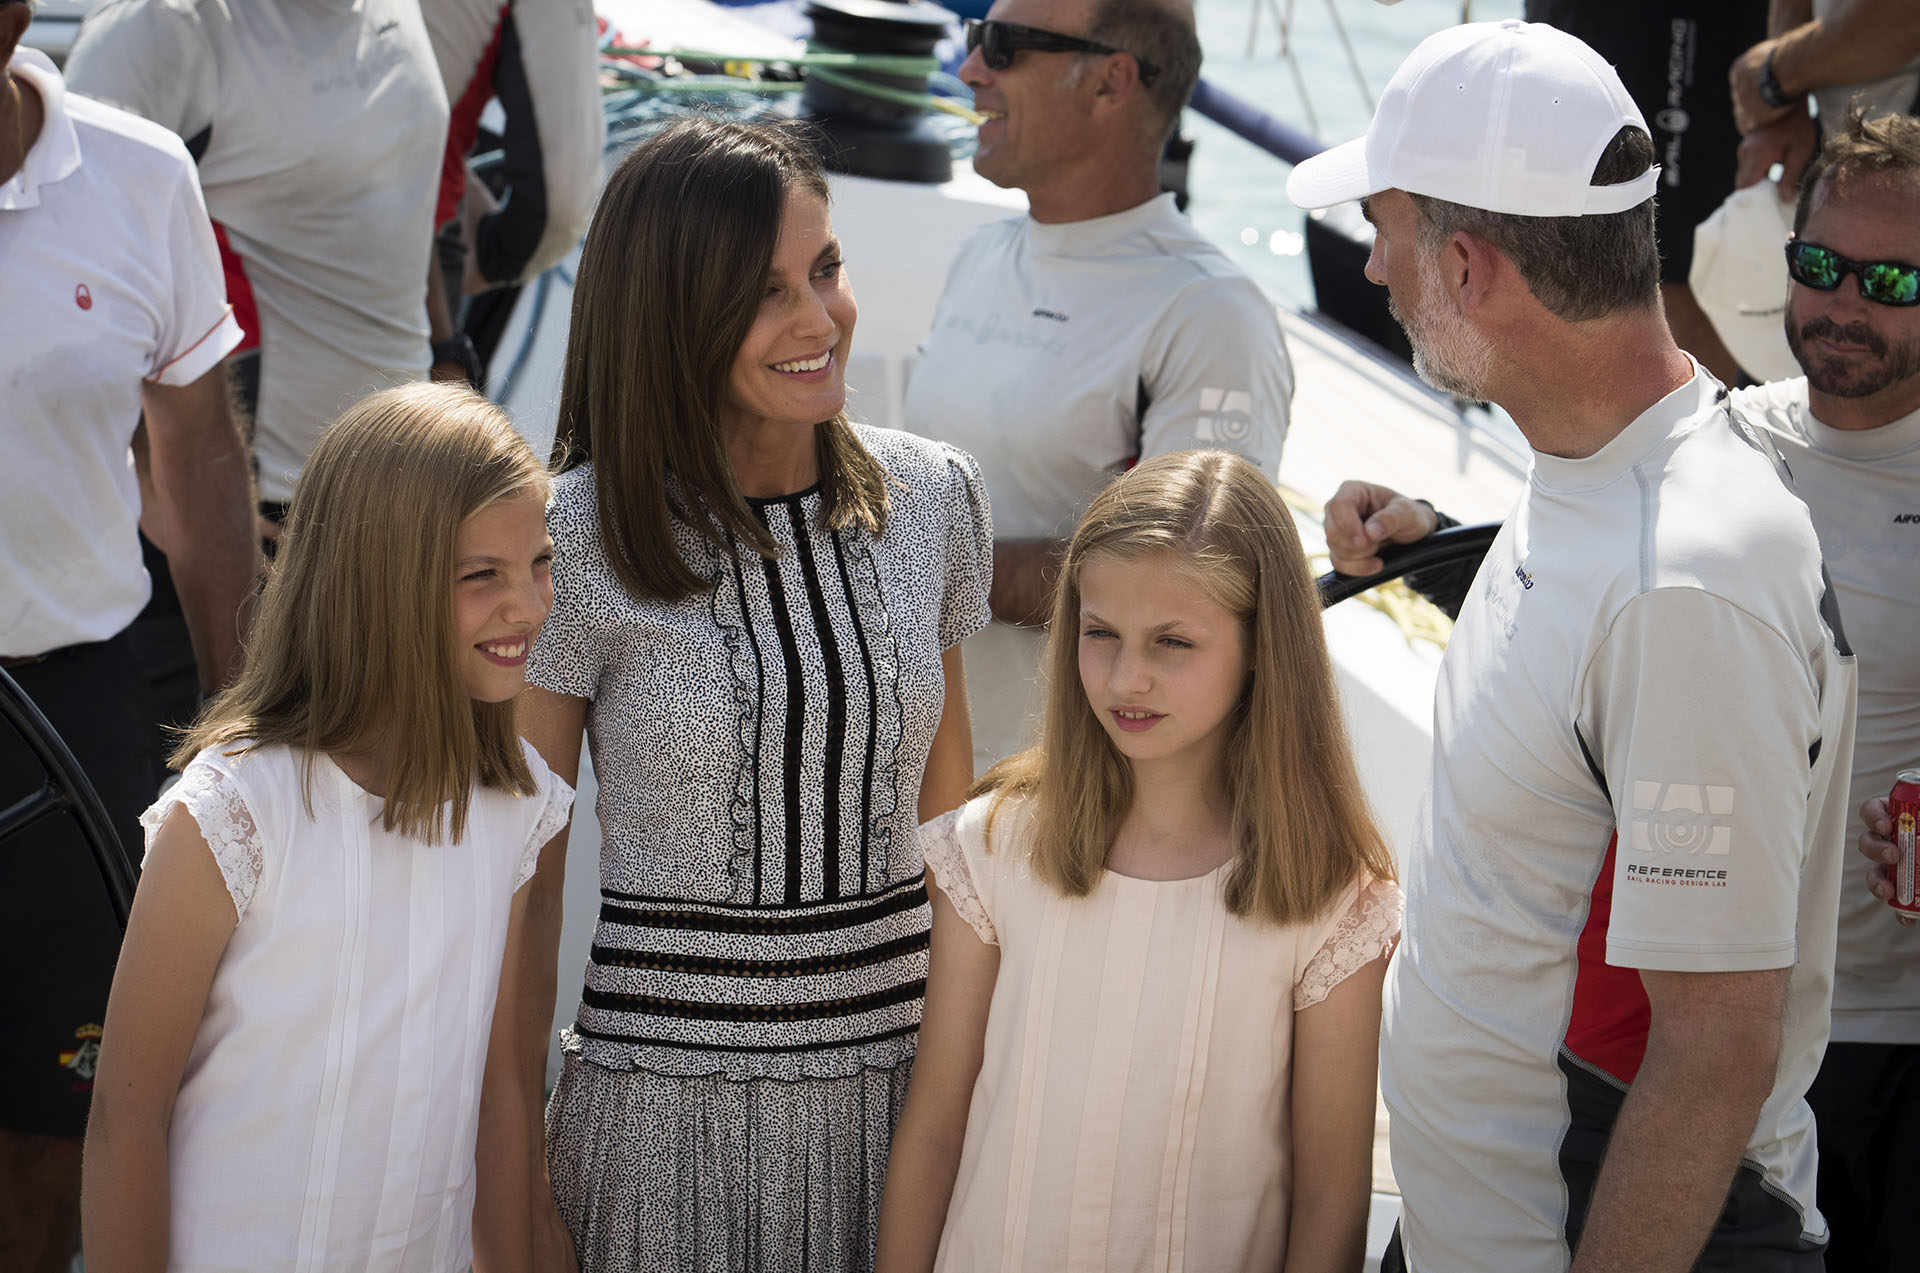 Los reyes y sus hijas se encuentran instalados en el Palacio de la Almudaina, a pesar de que usualmente pasan su receso de verano en el Palacio de Marivent